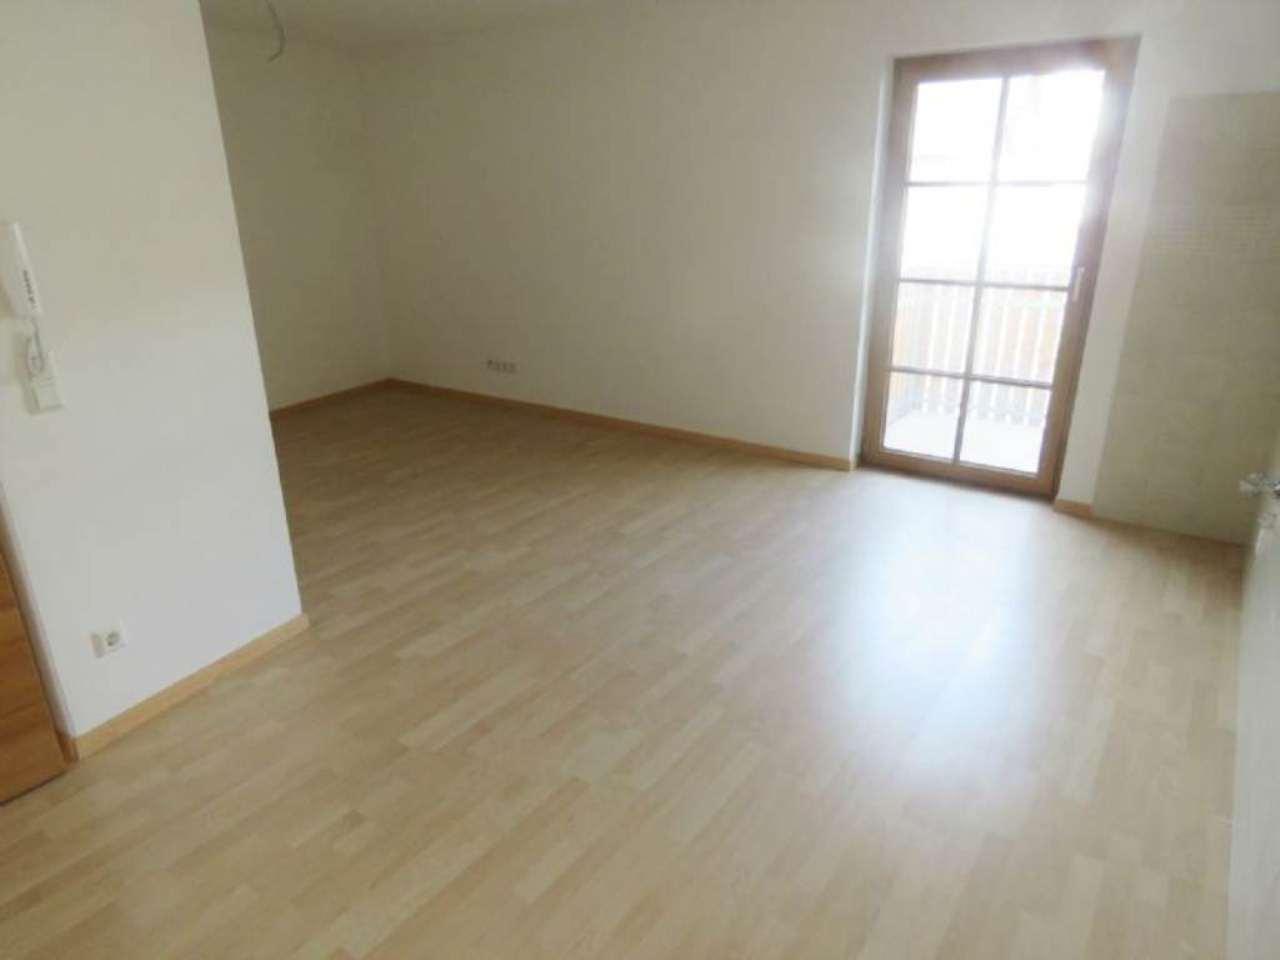 Appartamento in vendita a Malles Venosta, 2 locali, prezzo € 125.000 | Cambio Casa.it